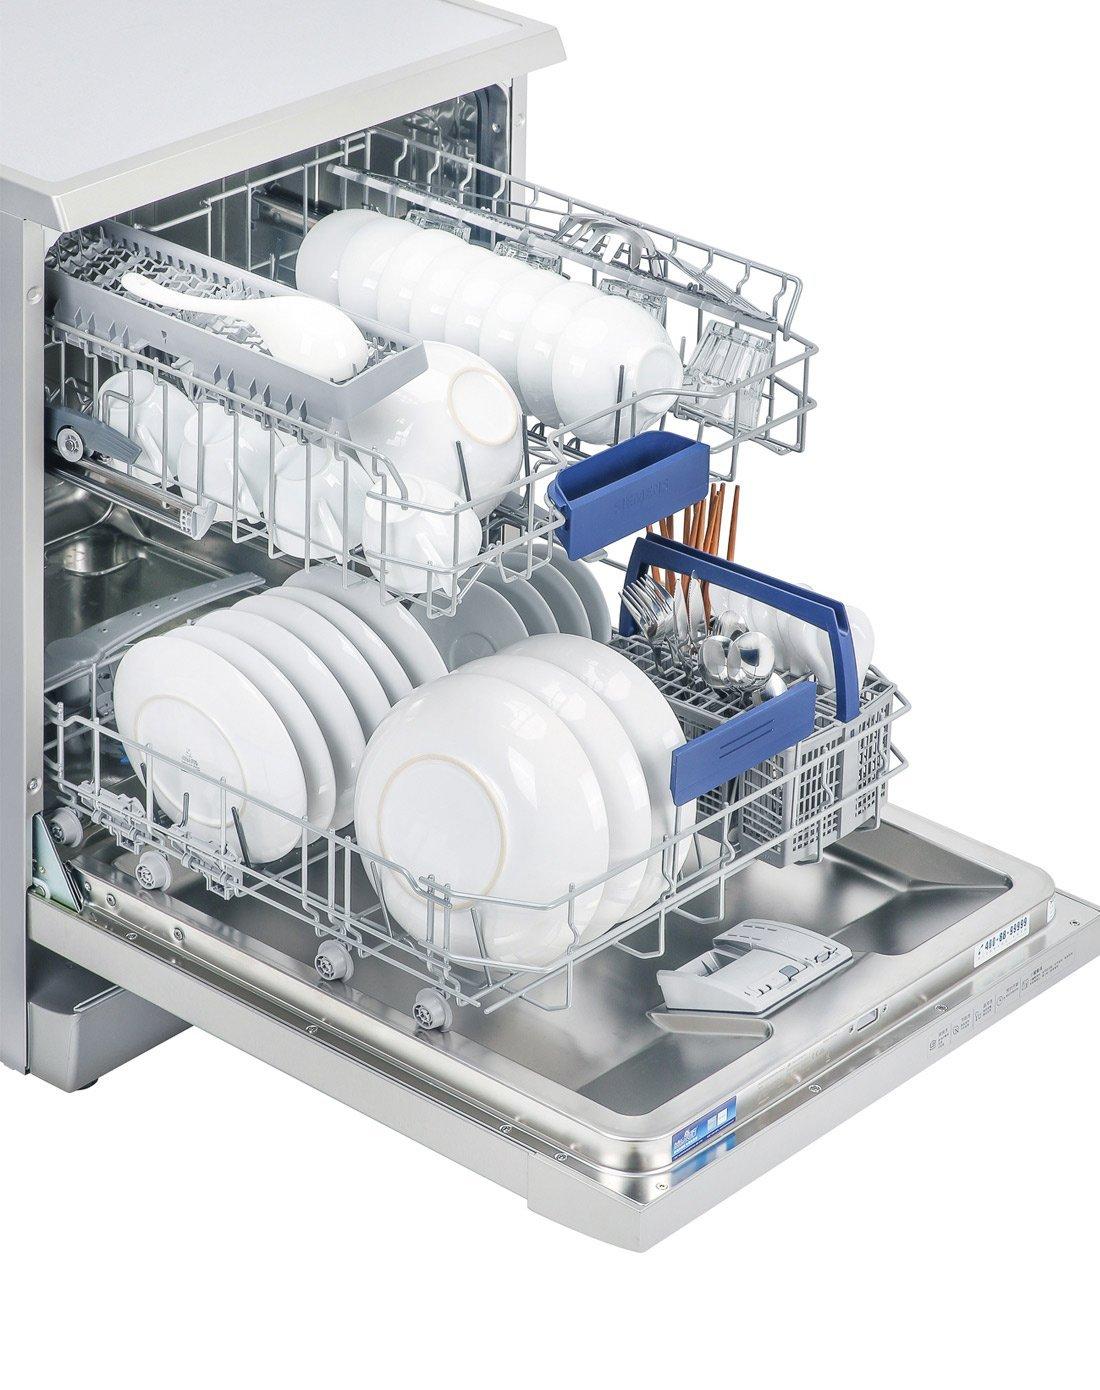 Máy rửa chén Siemens Siemens 13 bộ import máy rửa bát sn23e831ti mẫu độc lập: Siemens hộp công cụ ba